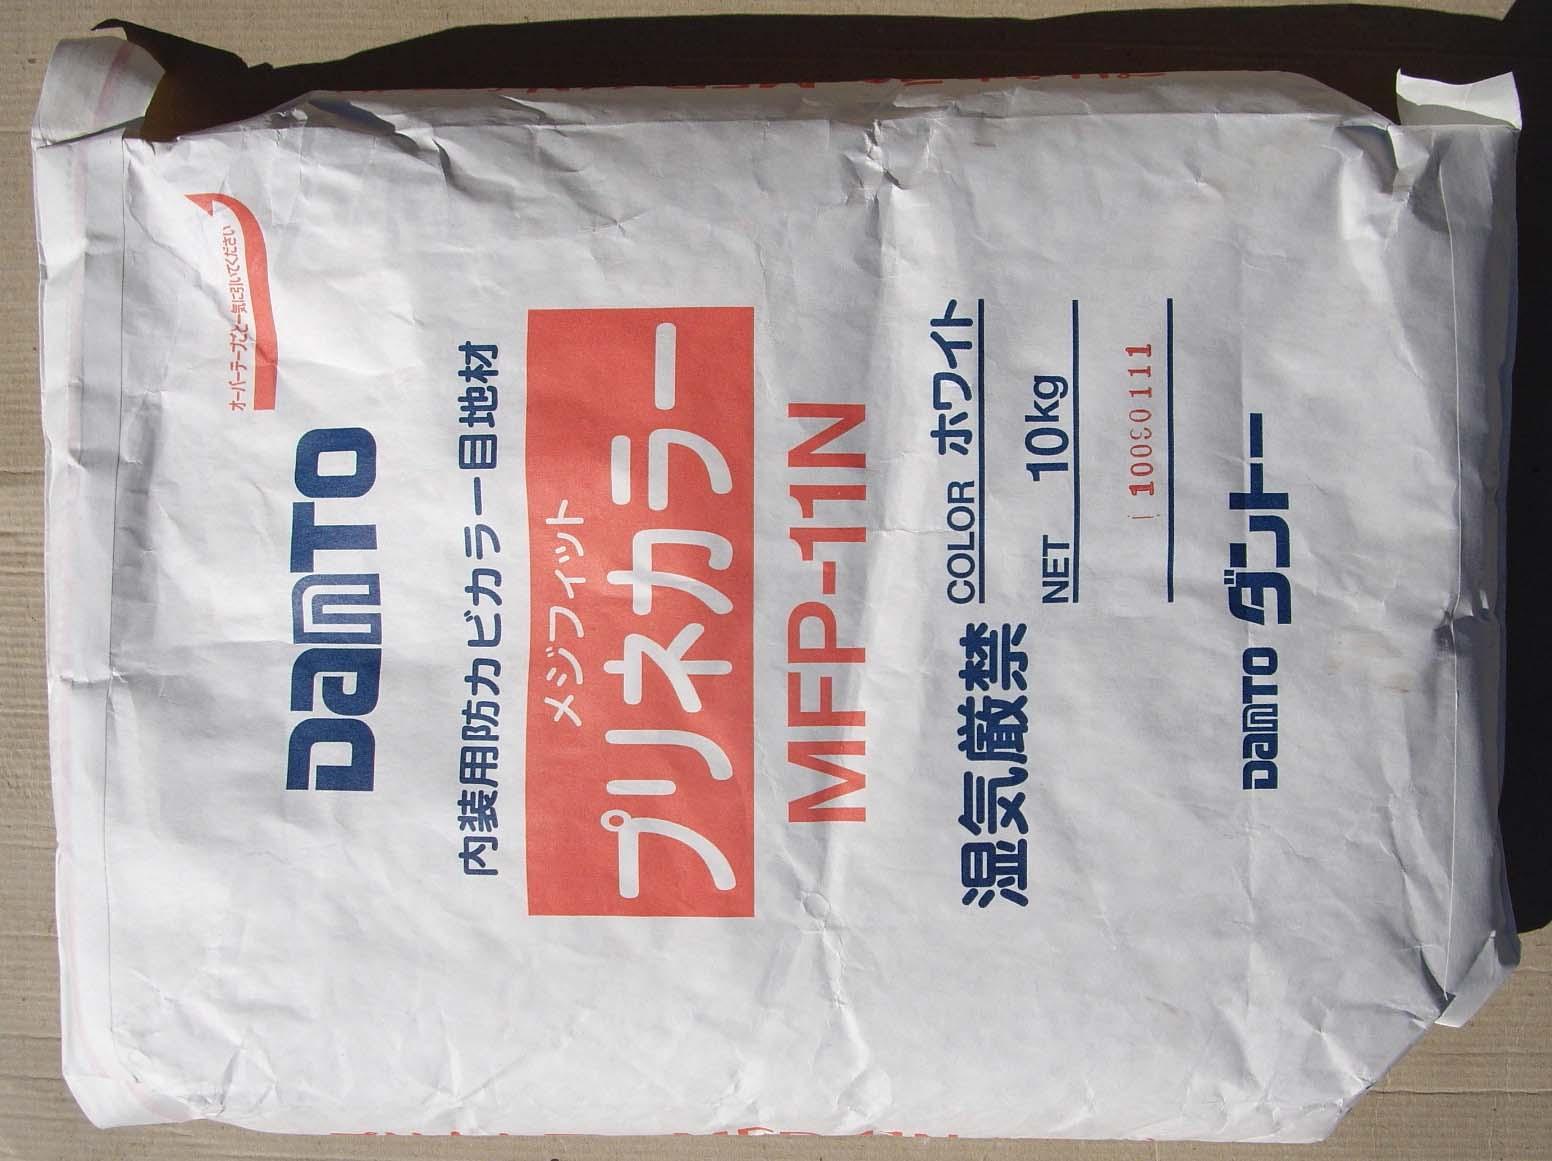 防カビ カラー目地材 内装壁用 ホワイト MFP-110 宅配便送料無料 流行のアイテム